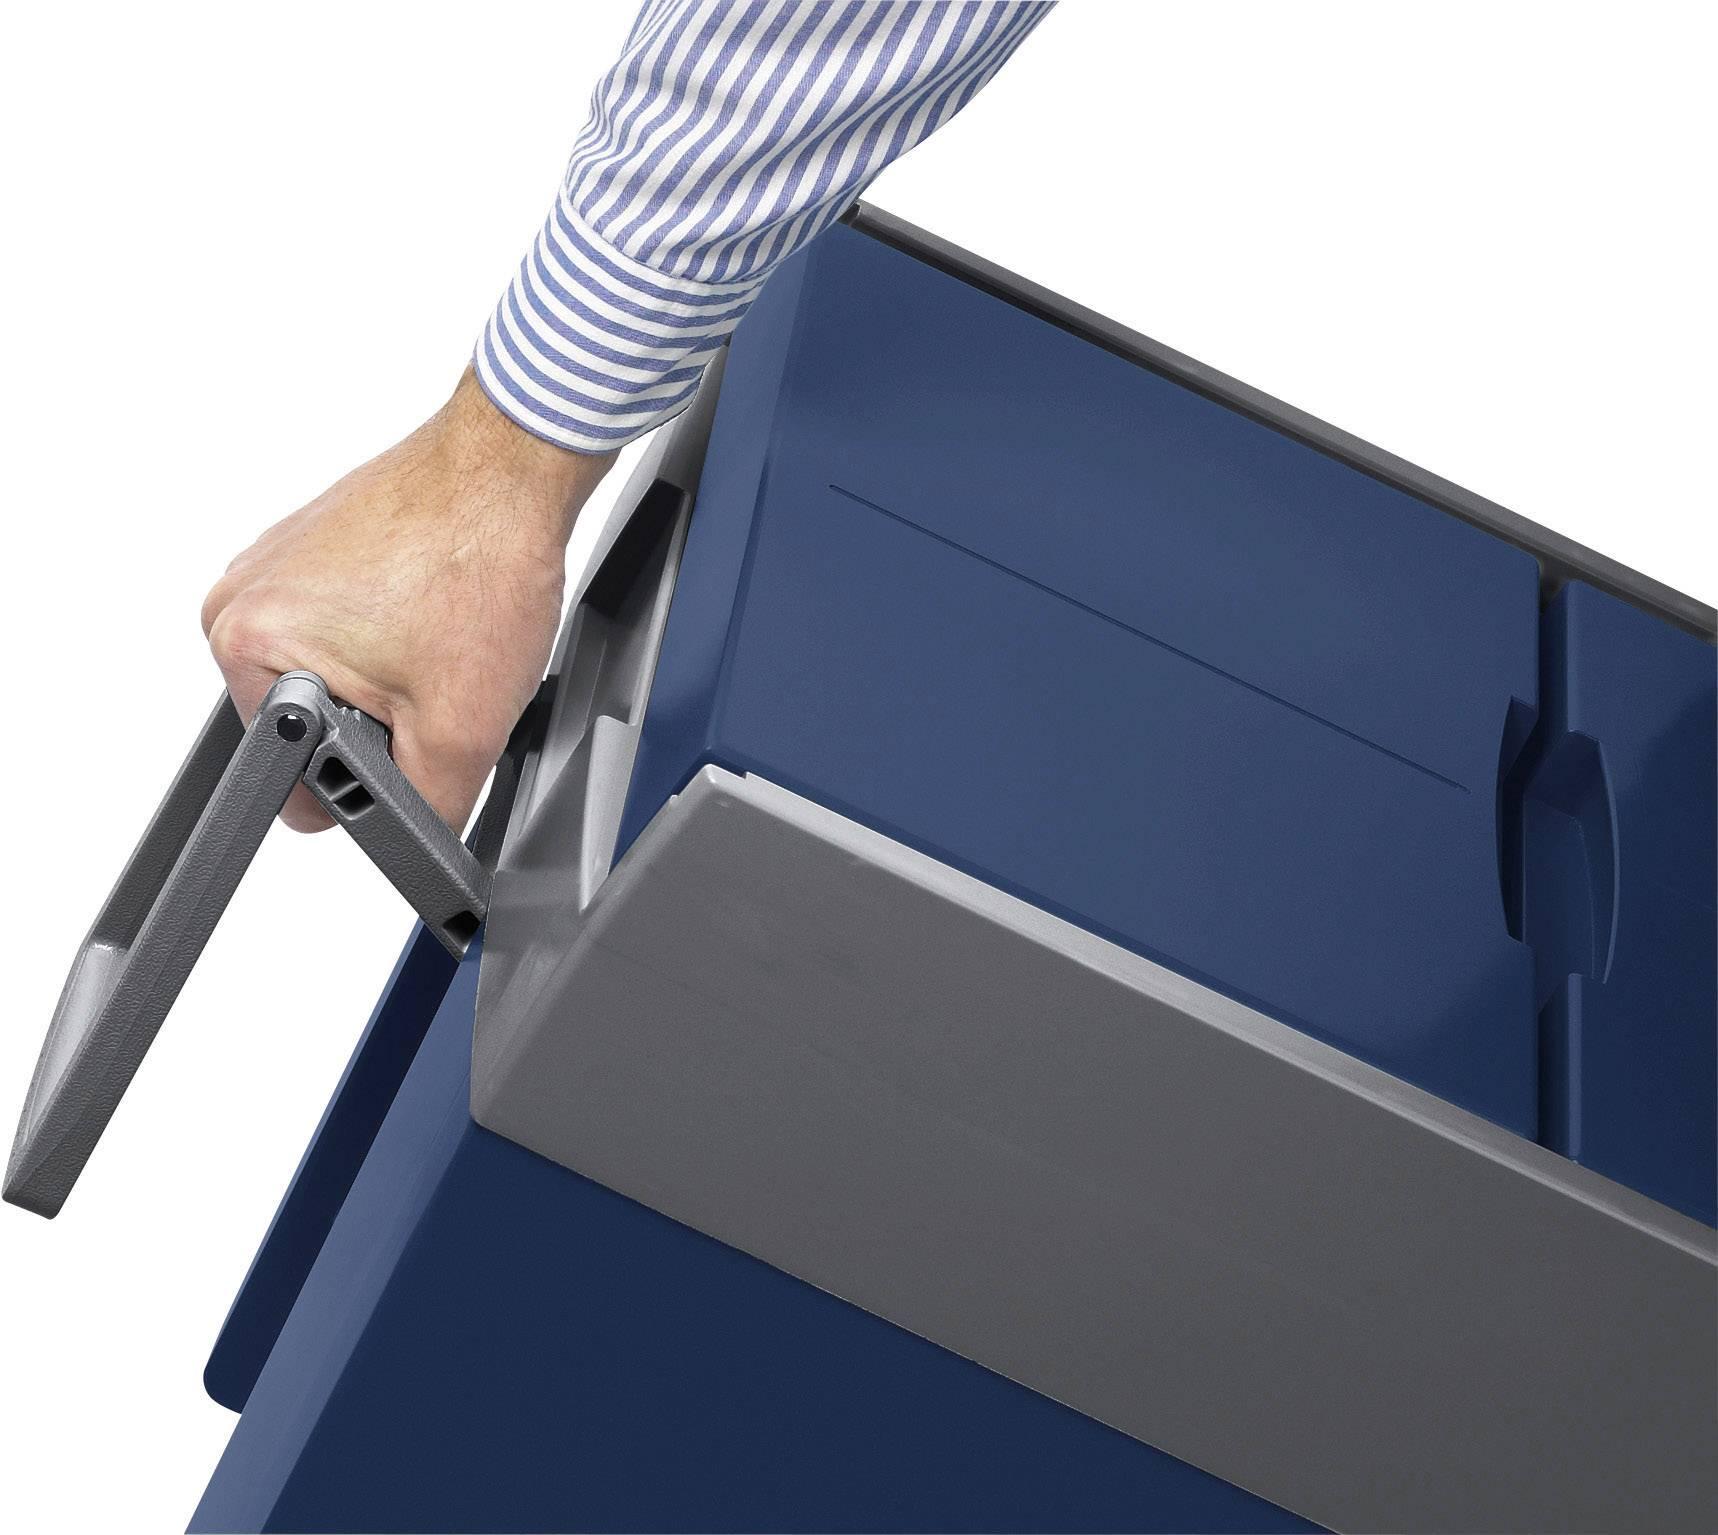 Prenosná chladnička (autochladnička) MobiCool W48 12/230, 12 V, 230 V, 48 l, modrá, sivá